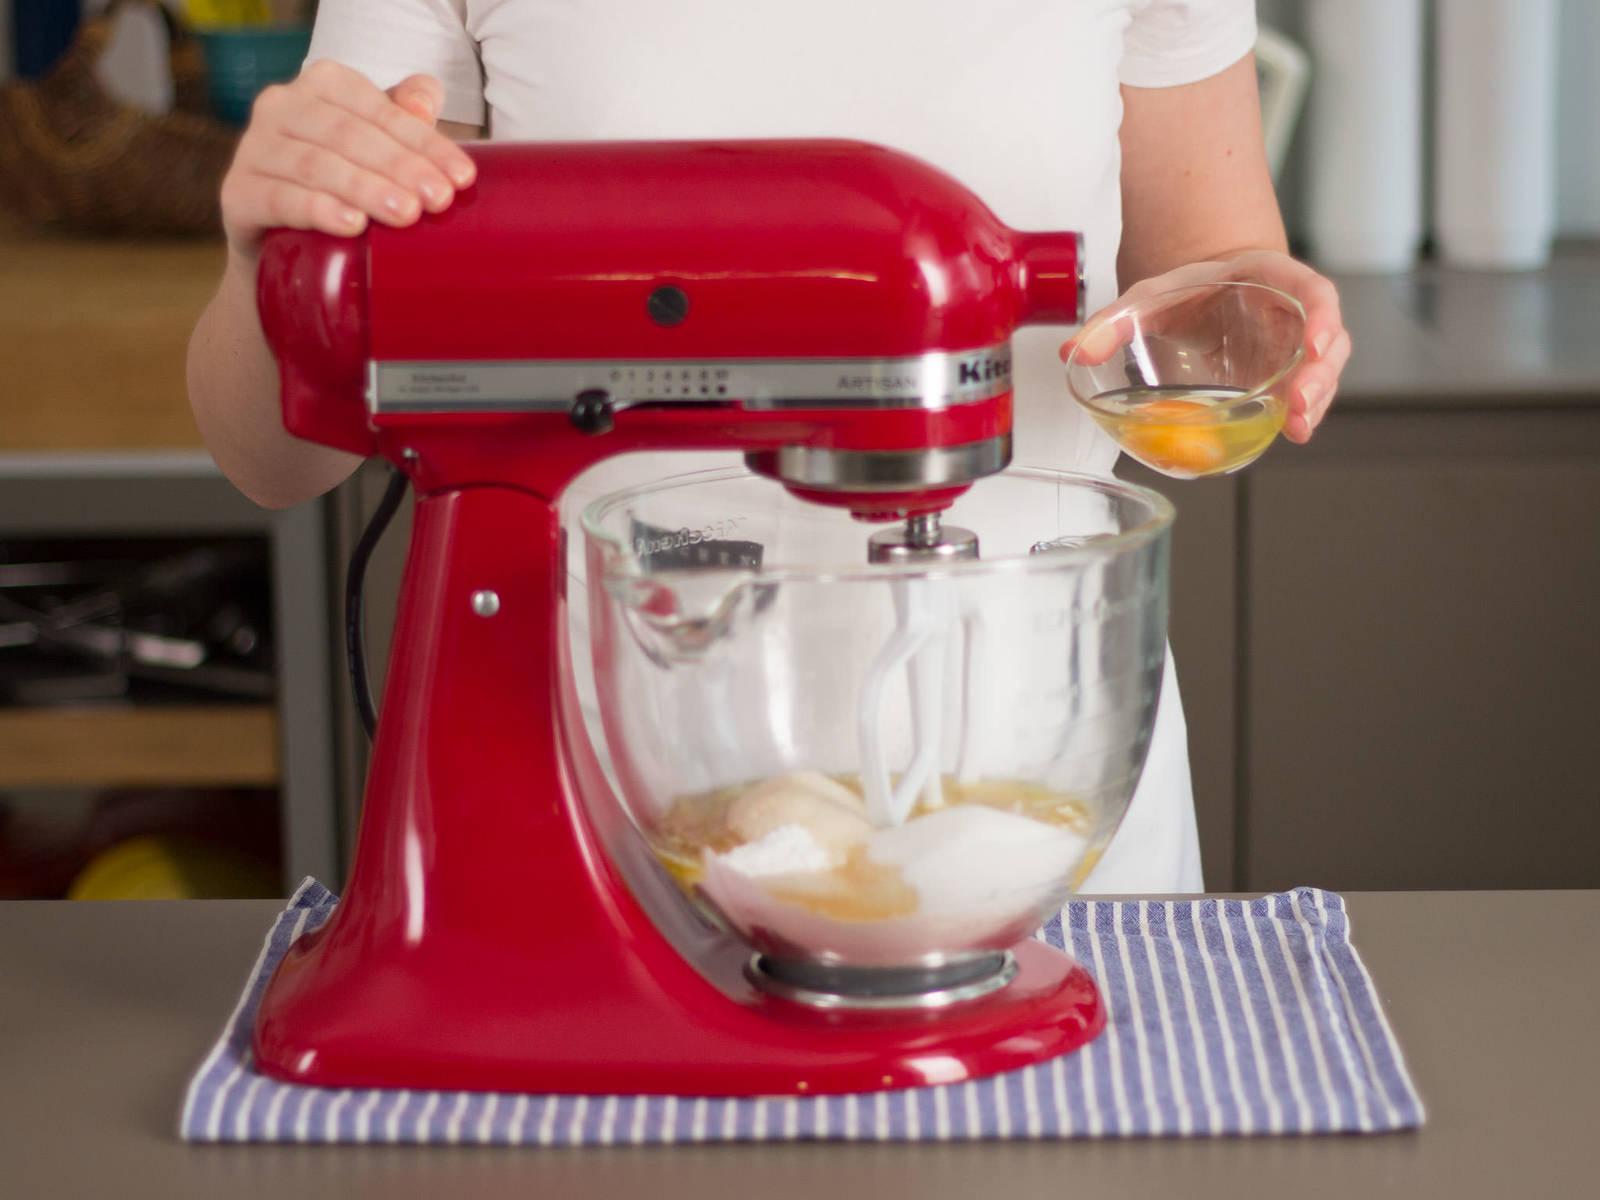 在台式搅拌机里加入面粉,泡打粉,糖和黑糖。打一两分钟直至均匀。加入香草提取物、盐、黄油和鸡蛋。再打两三分钟直至均匀。